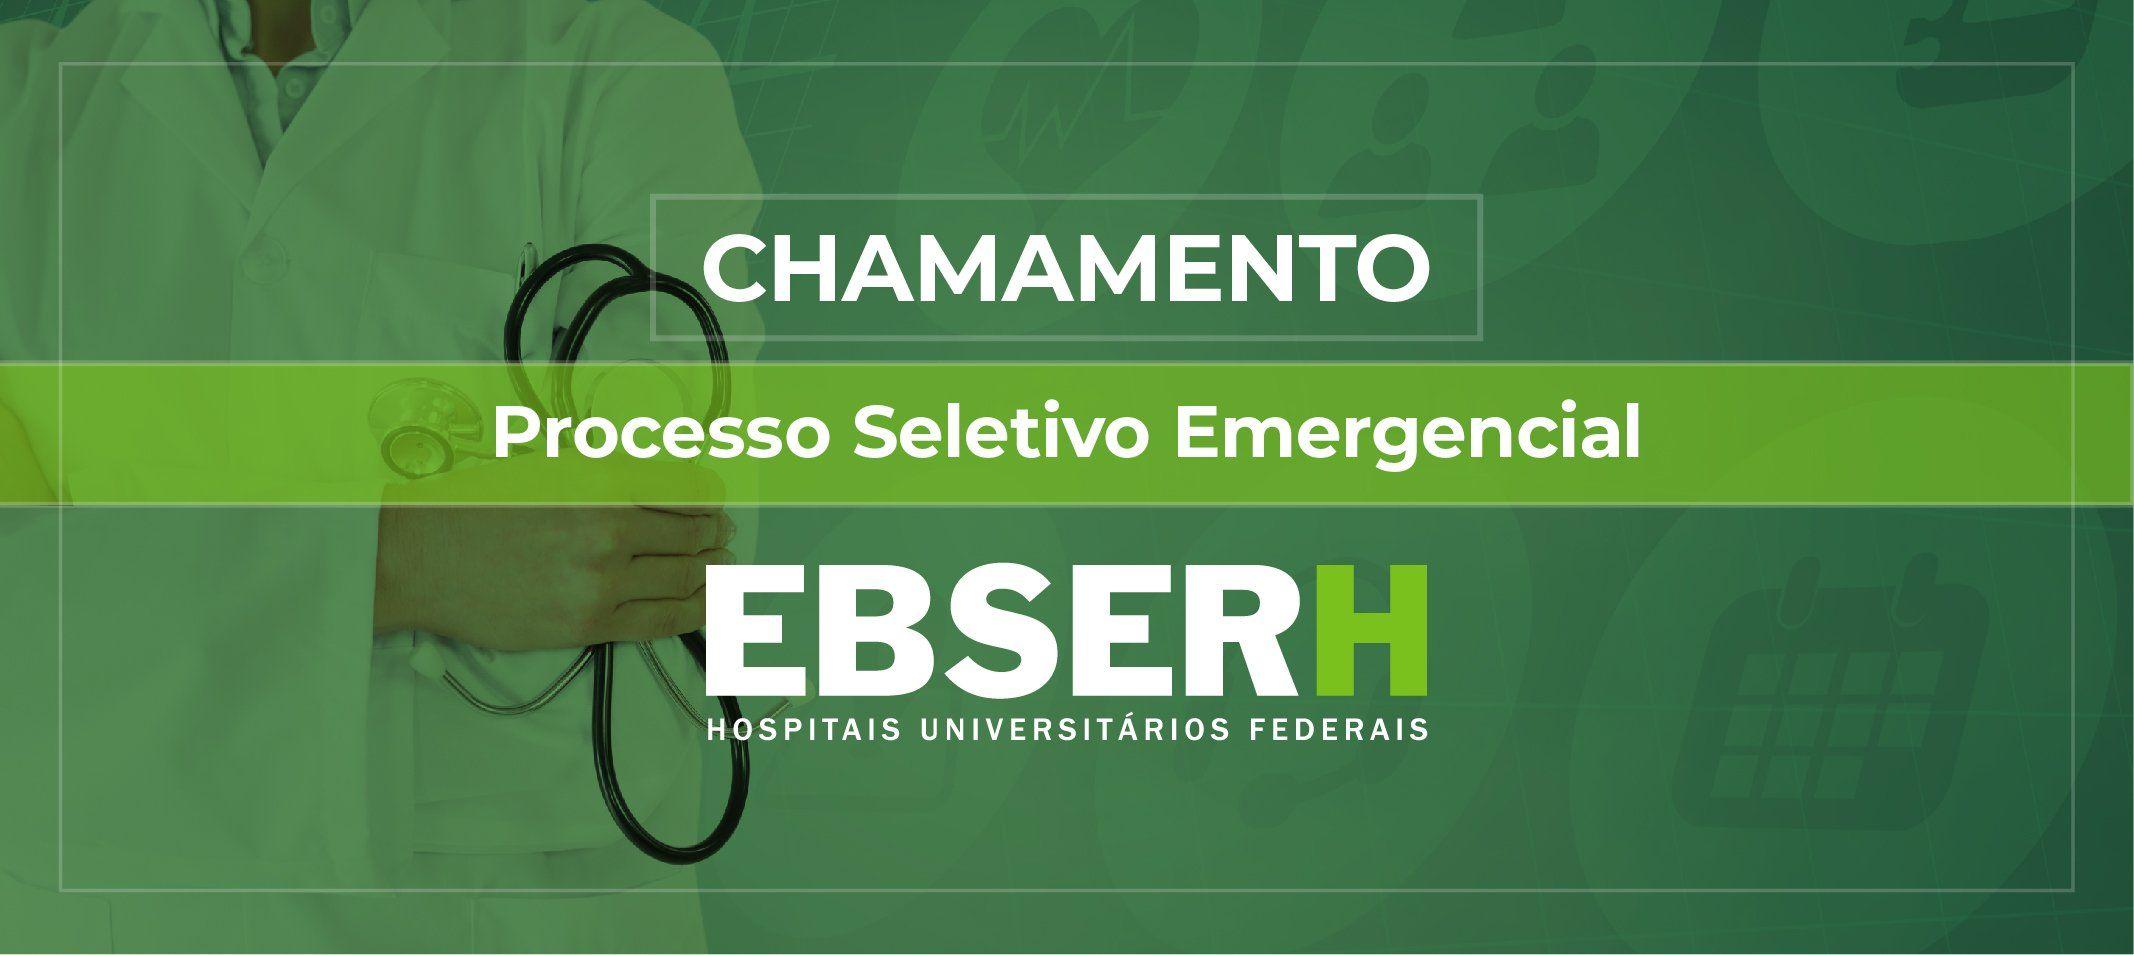 HUGV/Ebserh realiza chamada de mais de 200 profissionais para ajudar no combate à covid-19